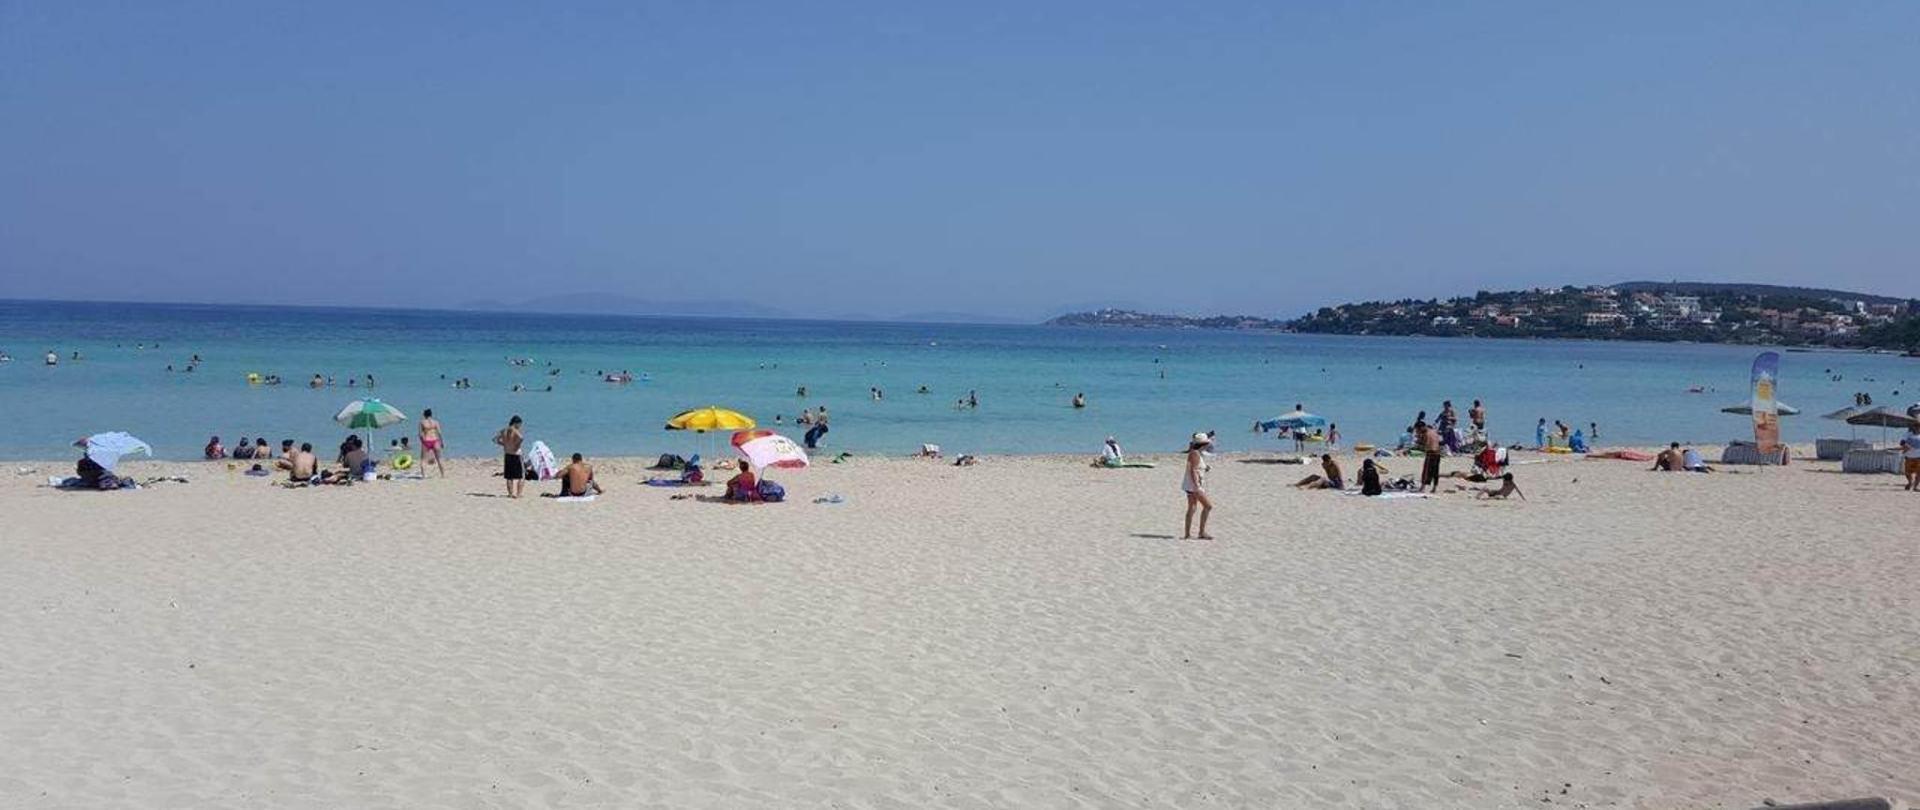 Пляж Алачати Турция